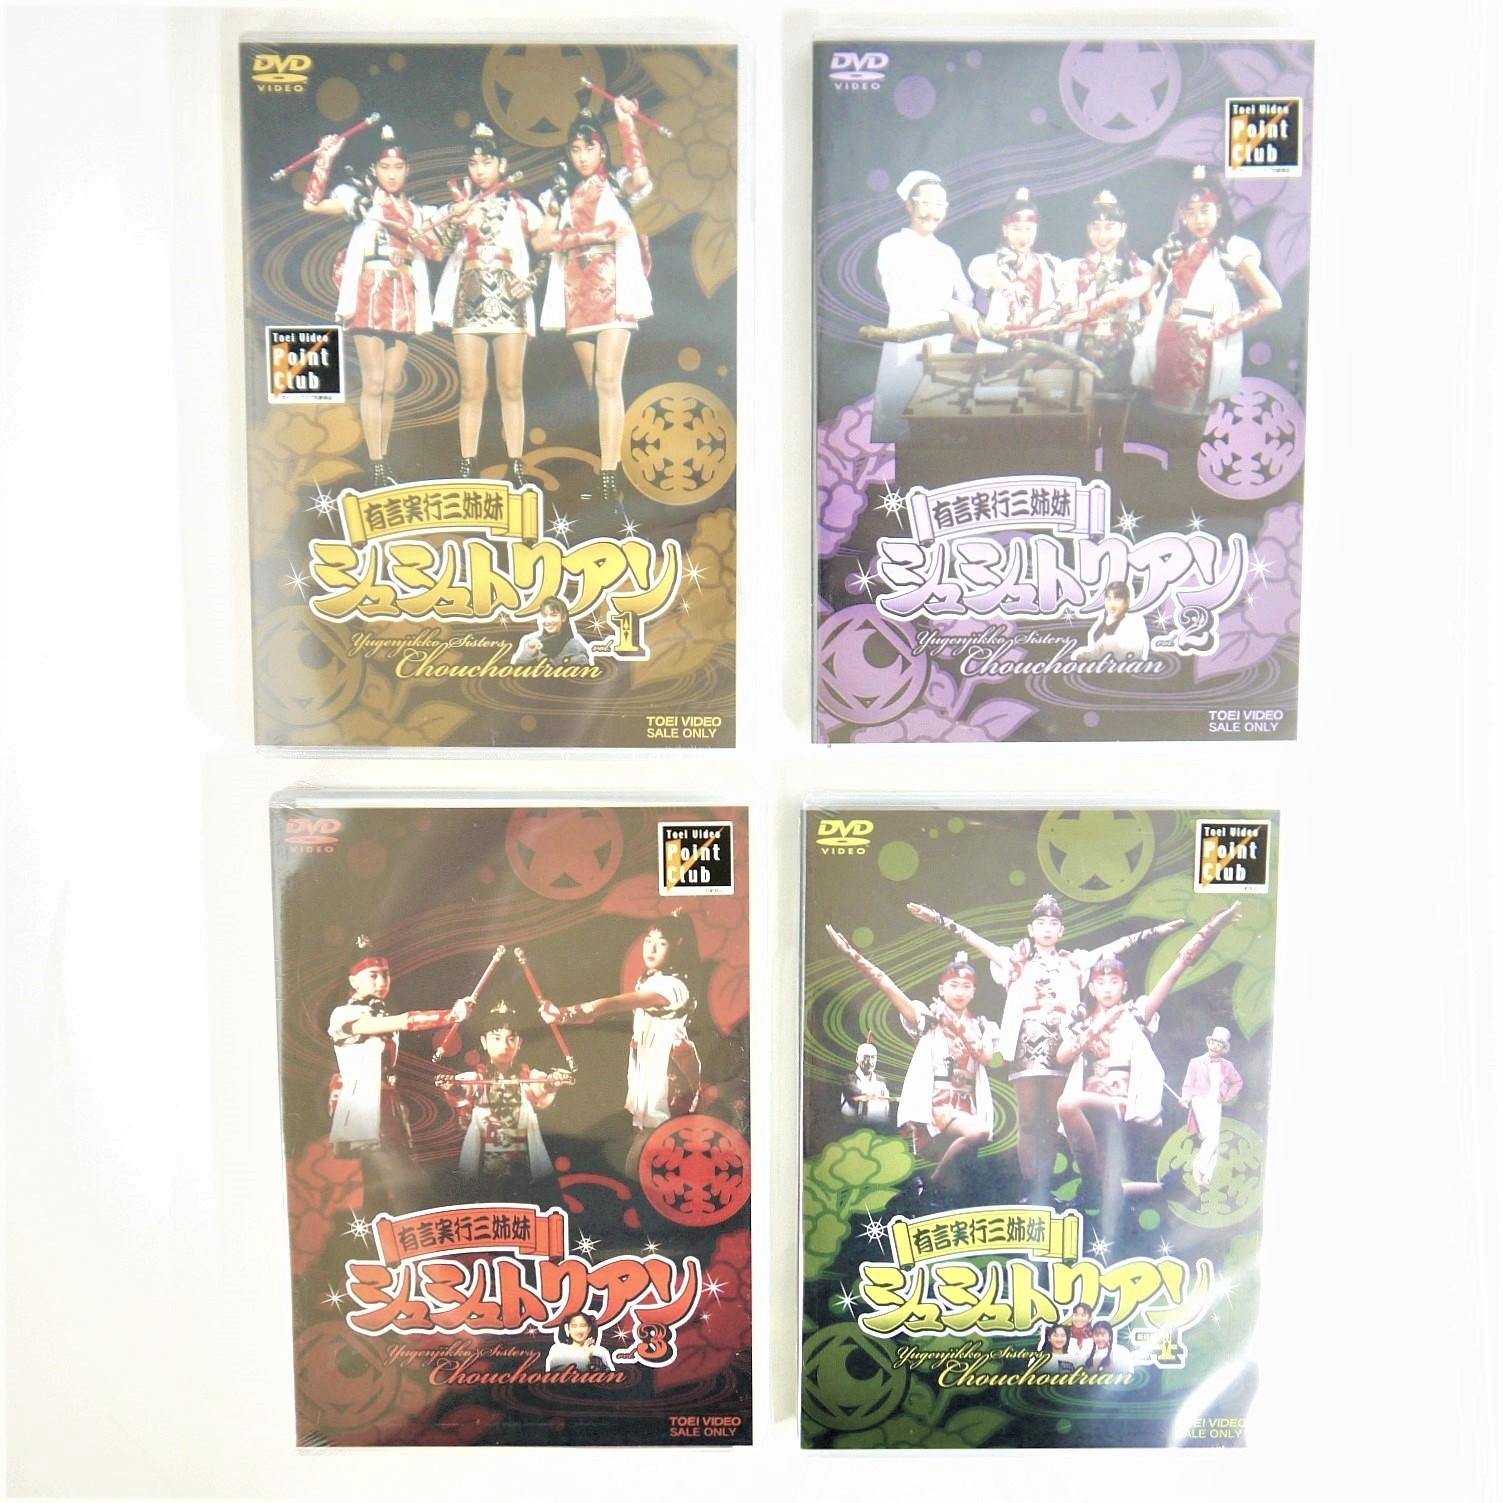 有言実行三姉妹シュシュトリアン DVD全4巻セット買取です!